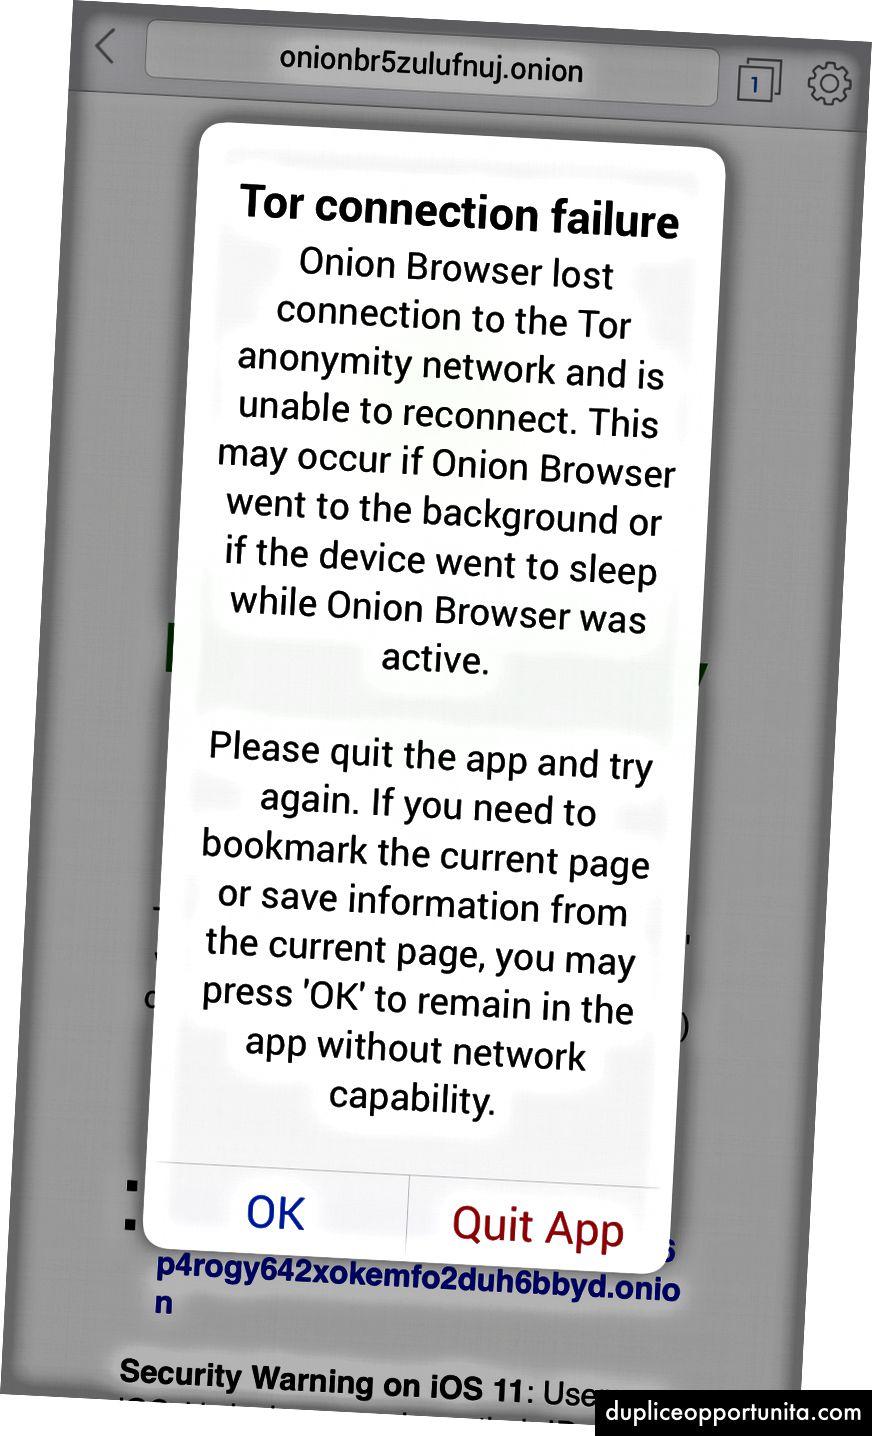 Hjemmesiden til Onion Browser (til venstre), NY Times .onion-side (center) og appens krav om at forblive aktiv (højre).